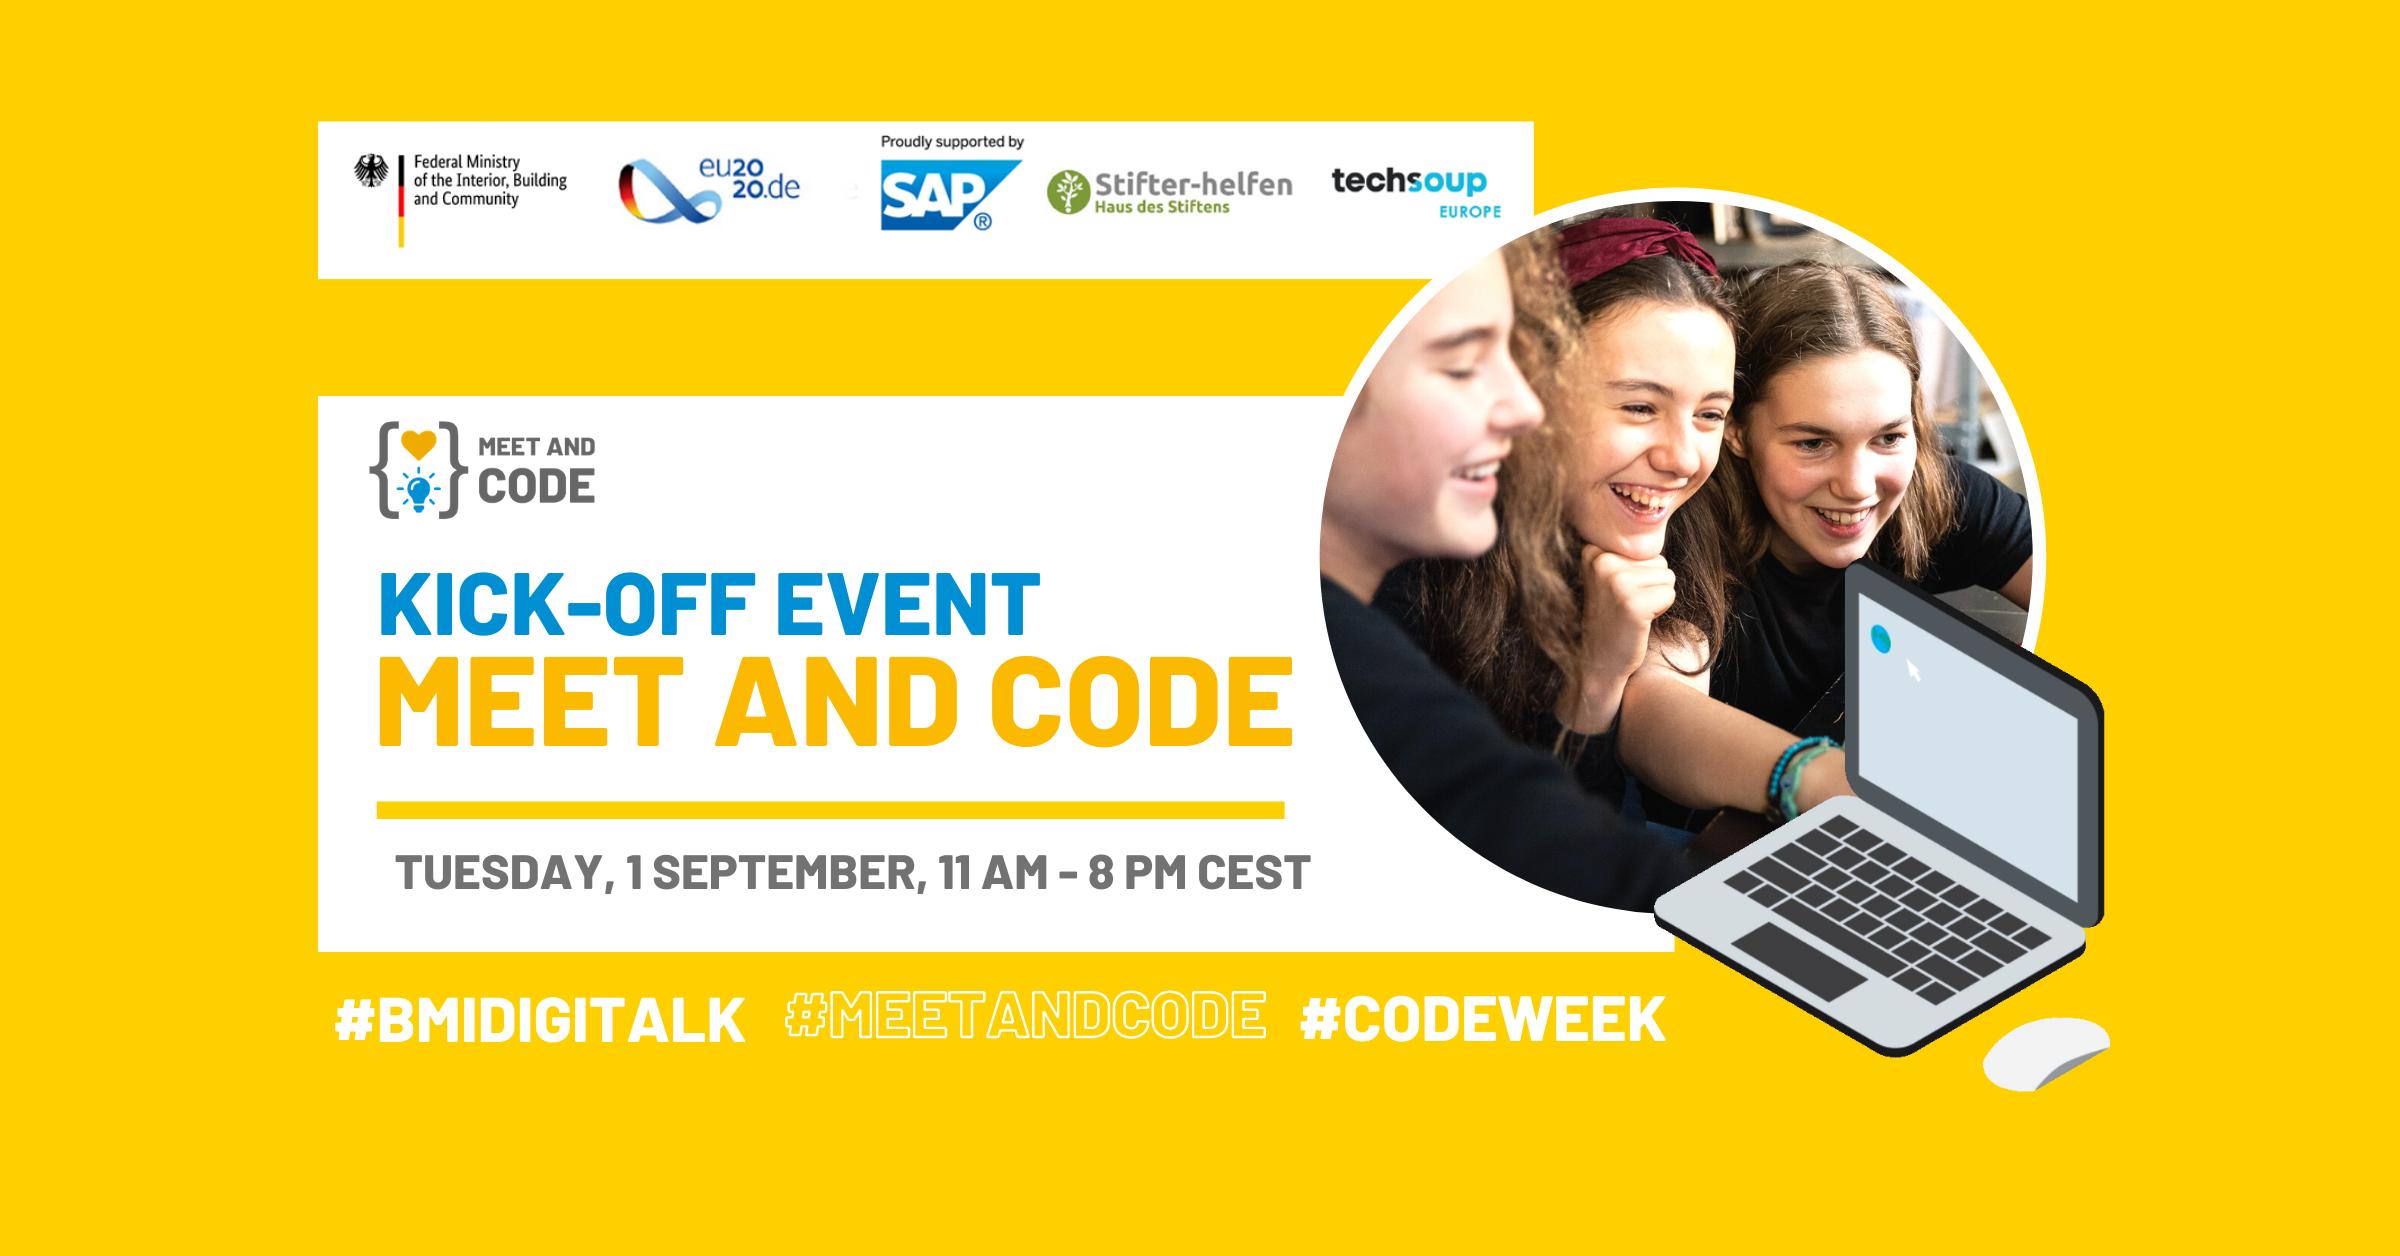 START Meet and Code 2020: 2 luni de evenimente online de programare È™i tehnologie